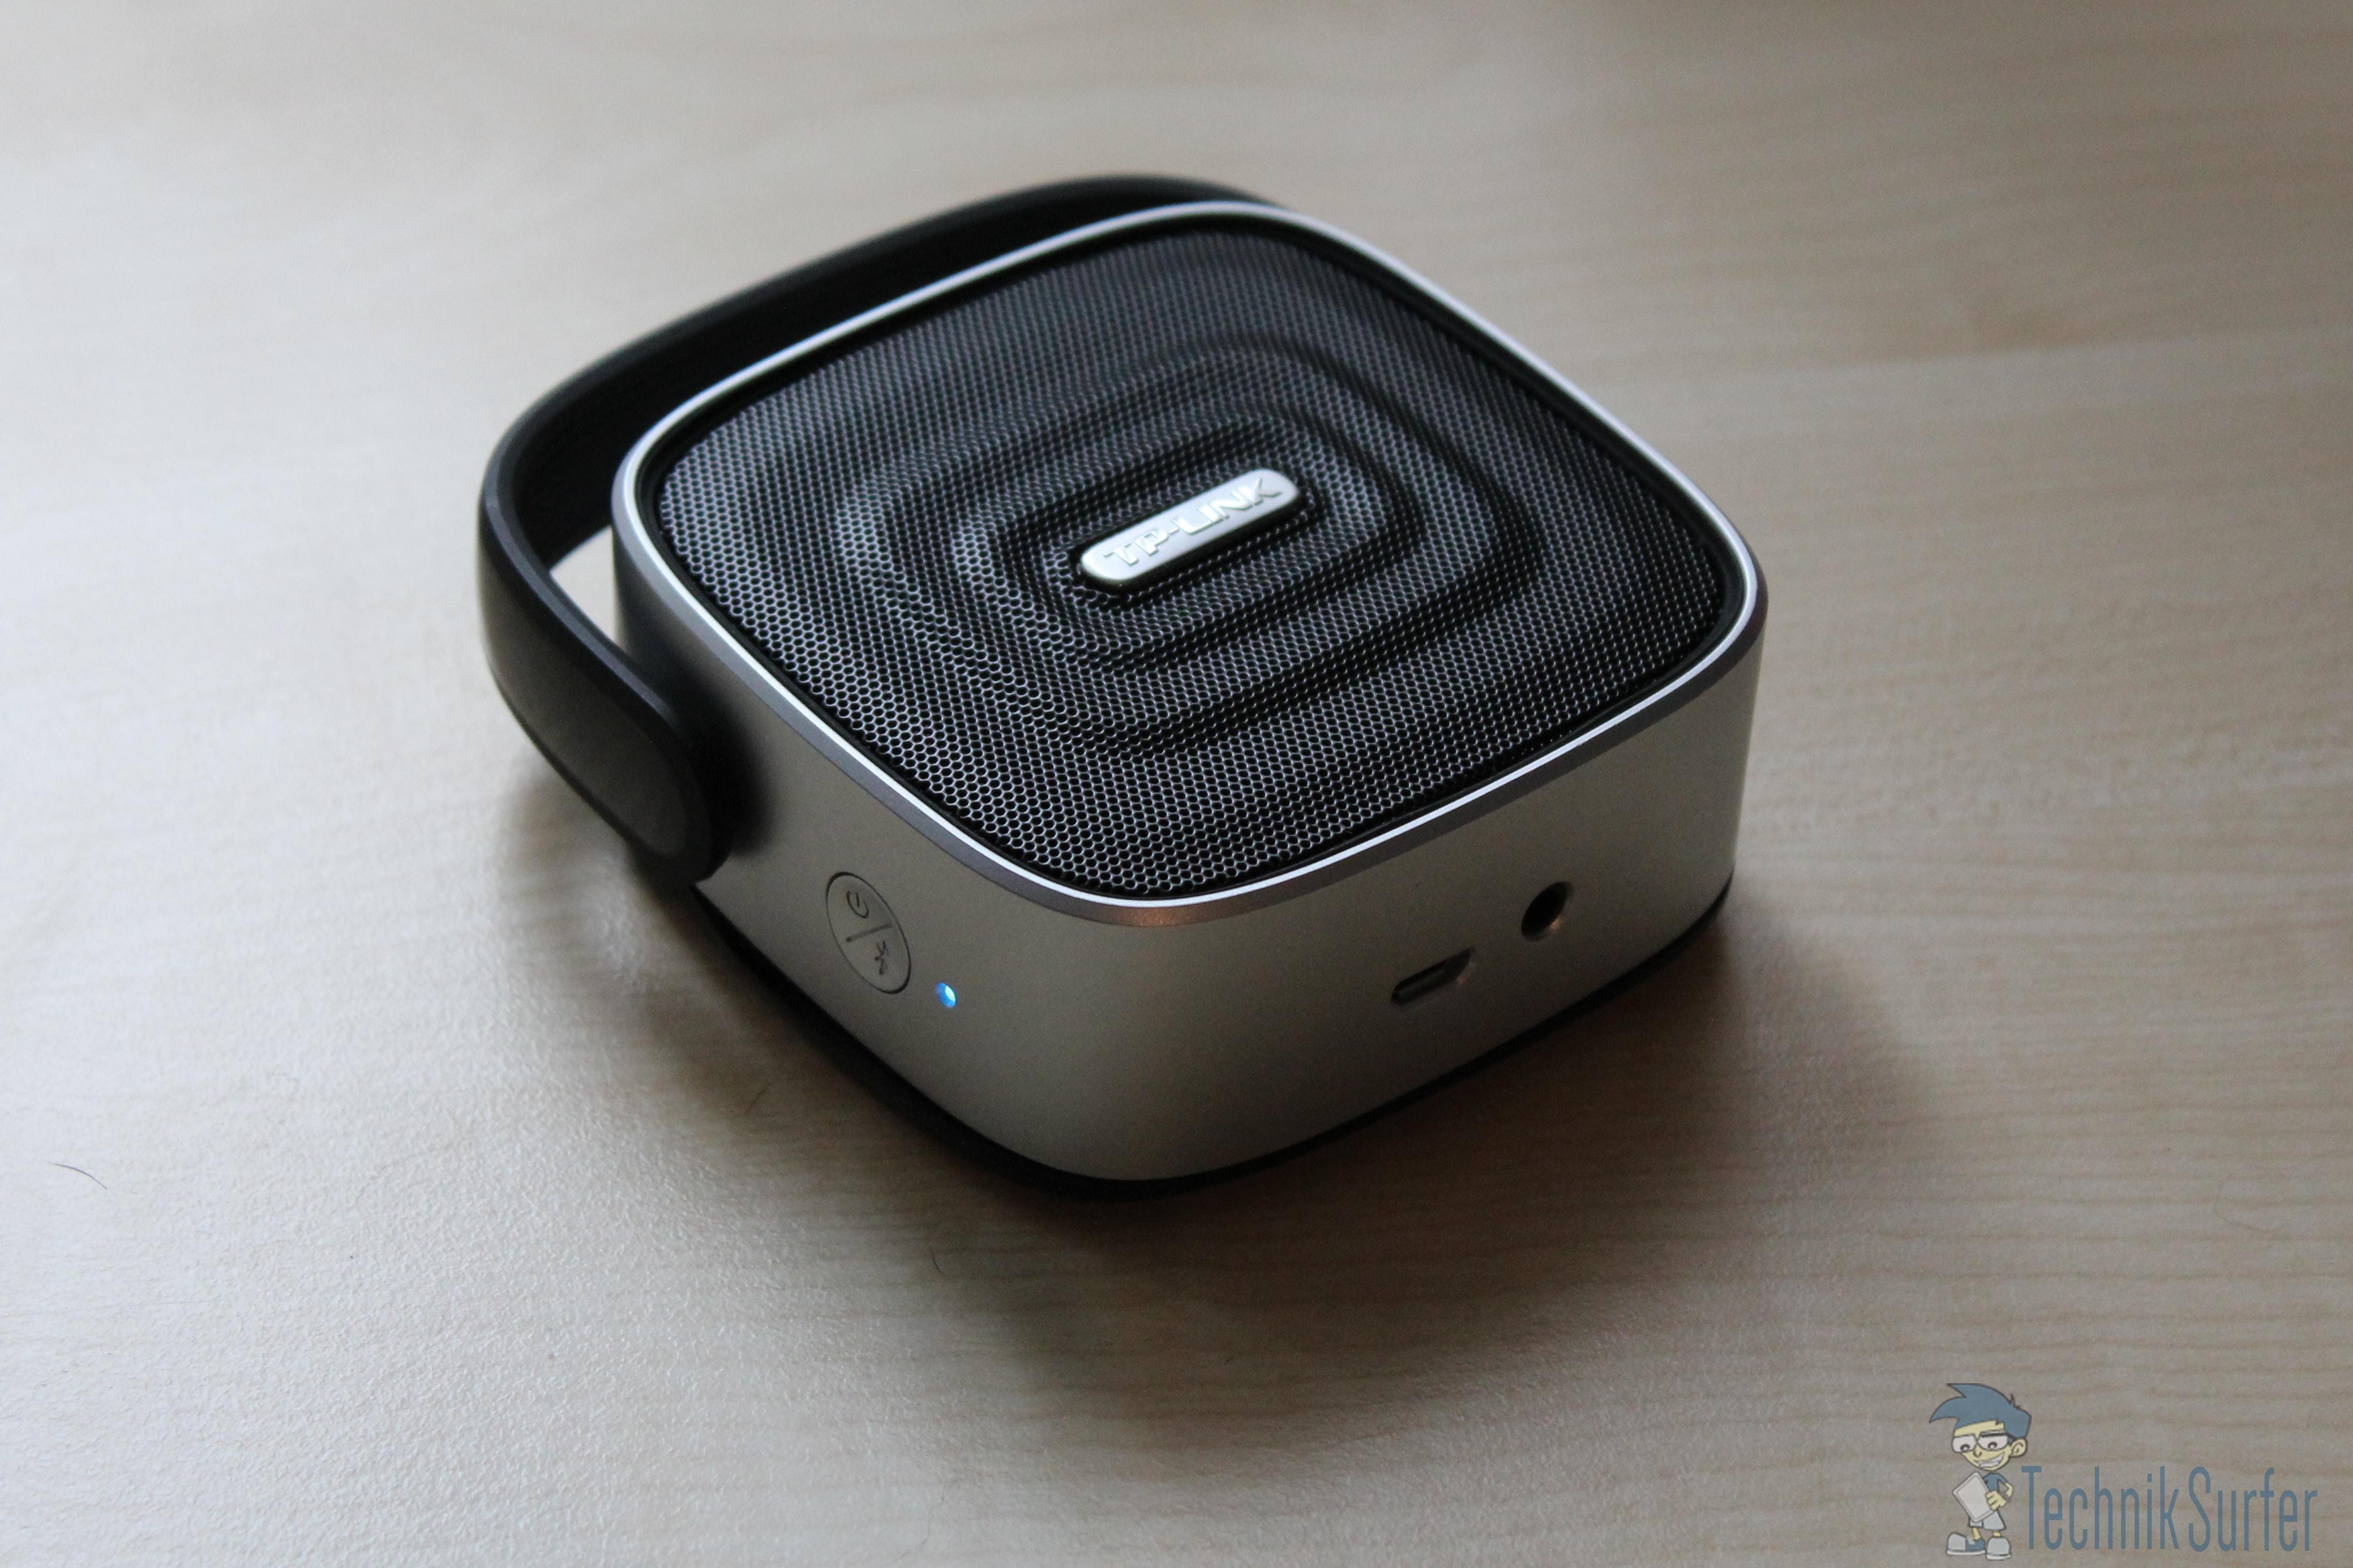 Der TP-Link groovi ripple unter der Lupe groovi ripple Test: TP-Link groovi ripple – kleiner Lautsprecher ganz schön groß groovi3